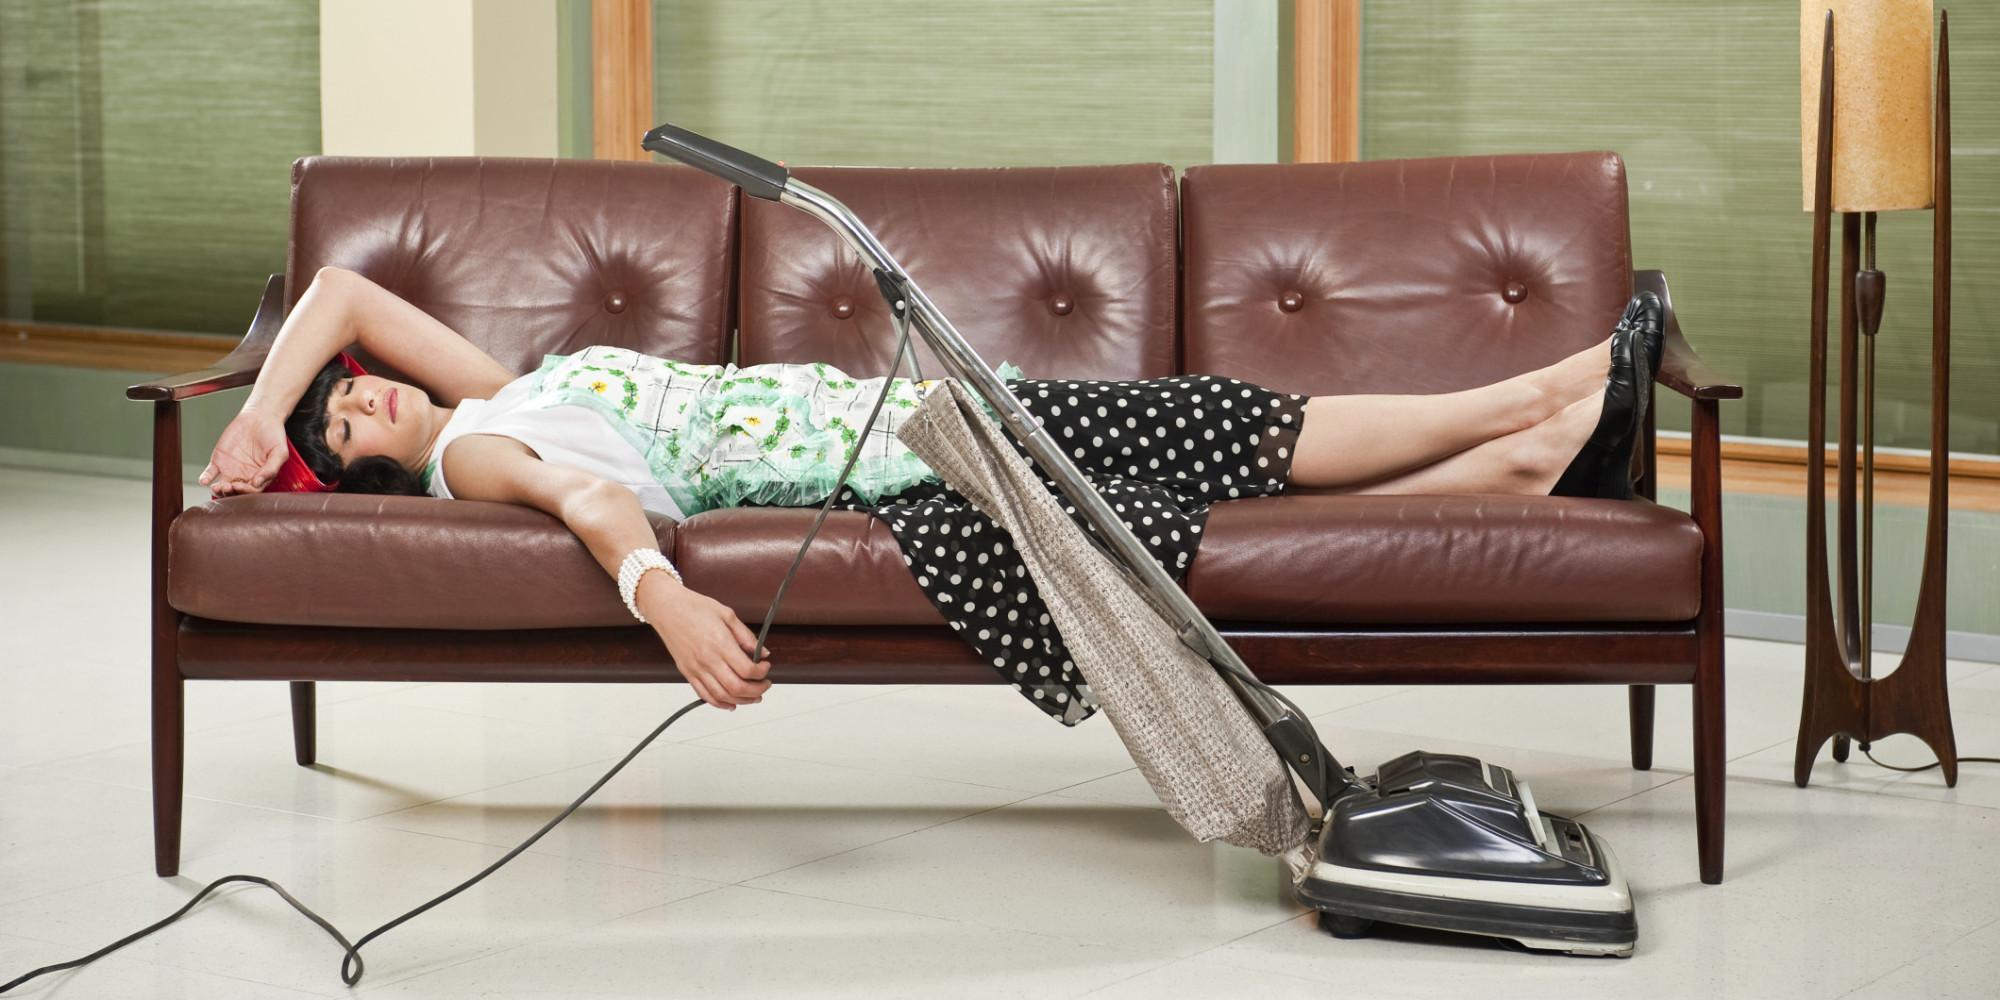 Women Still Do A Lot More Housework Than Men Study Finds